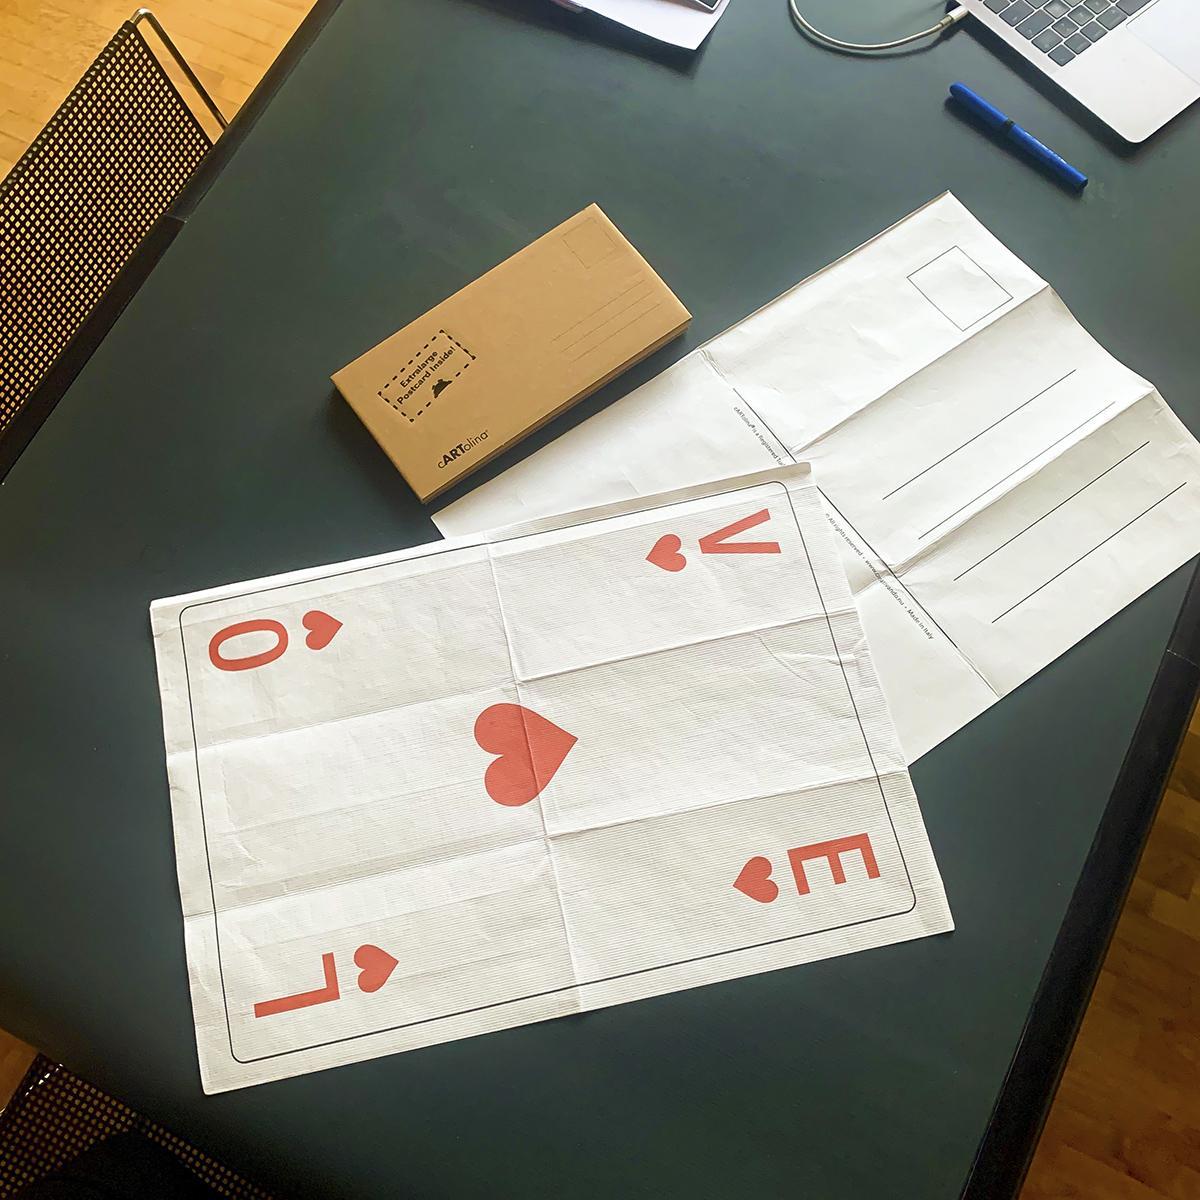 un biglietto augurale una cartolina di grandi dimensioni che riproduce l'asso di cuori